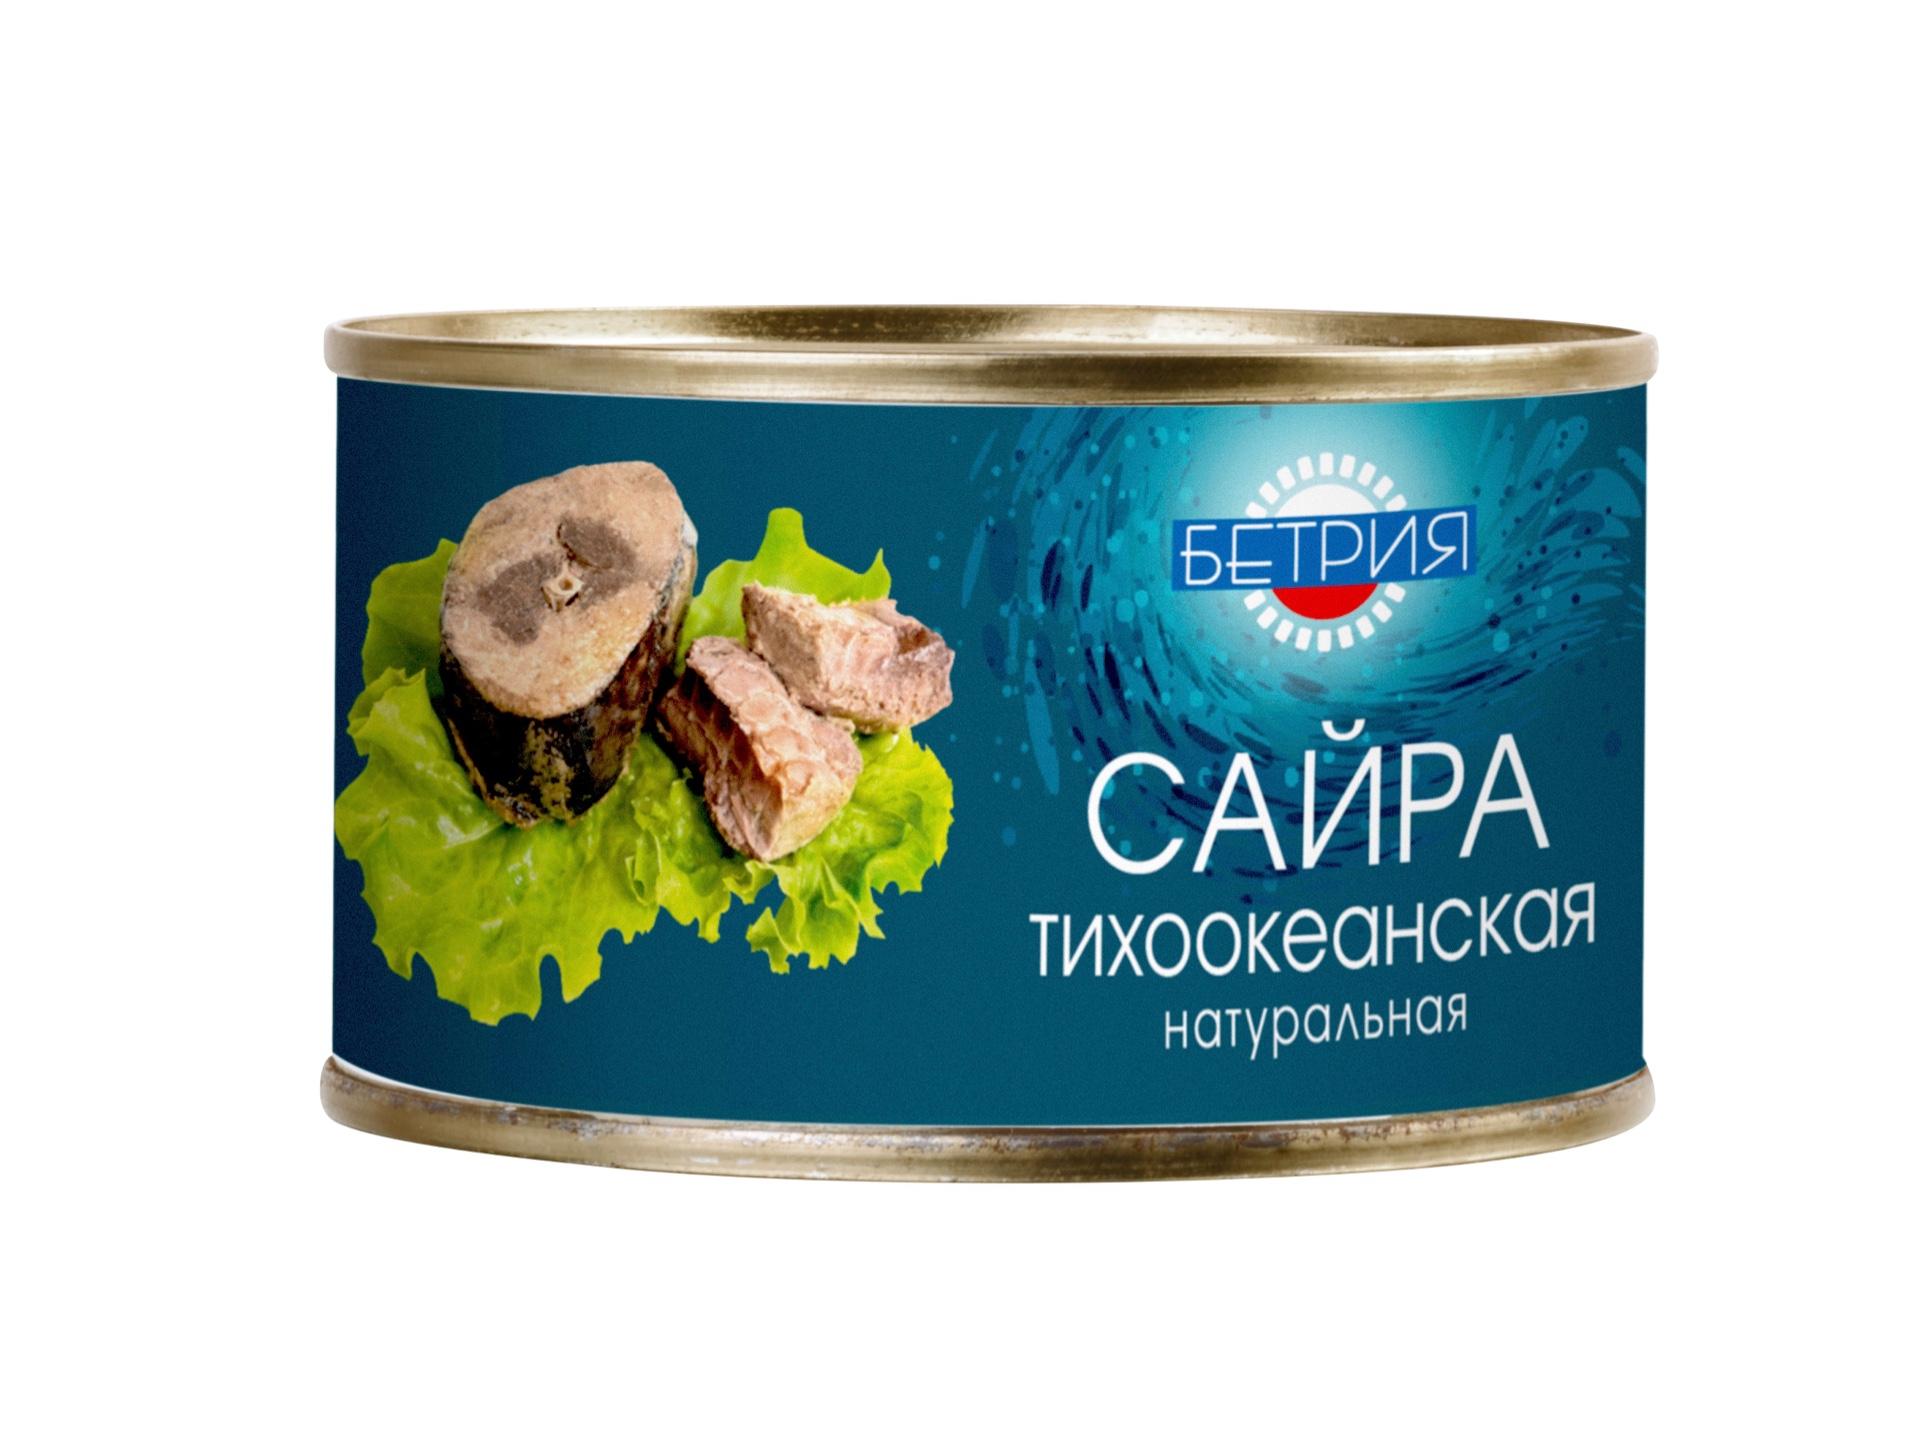 Рыбные консервы Бетрия САЙРА ТИХООКЕАНСКАЯ НАТУРАЛЬНАЯ, 240 капитан вкусов сайра тихоокеанская бланшированная в масле 200 г